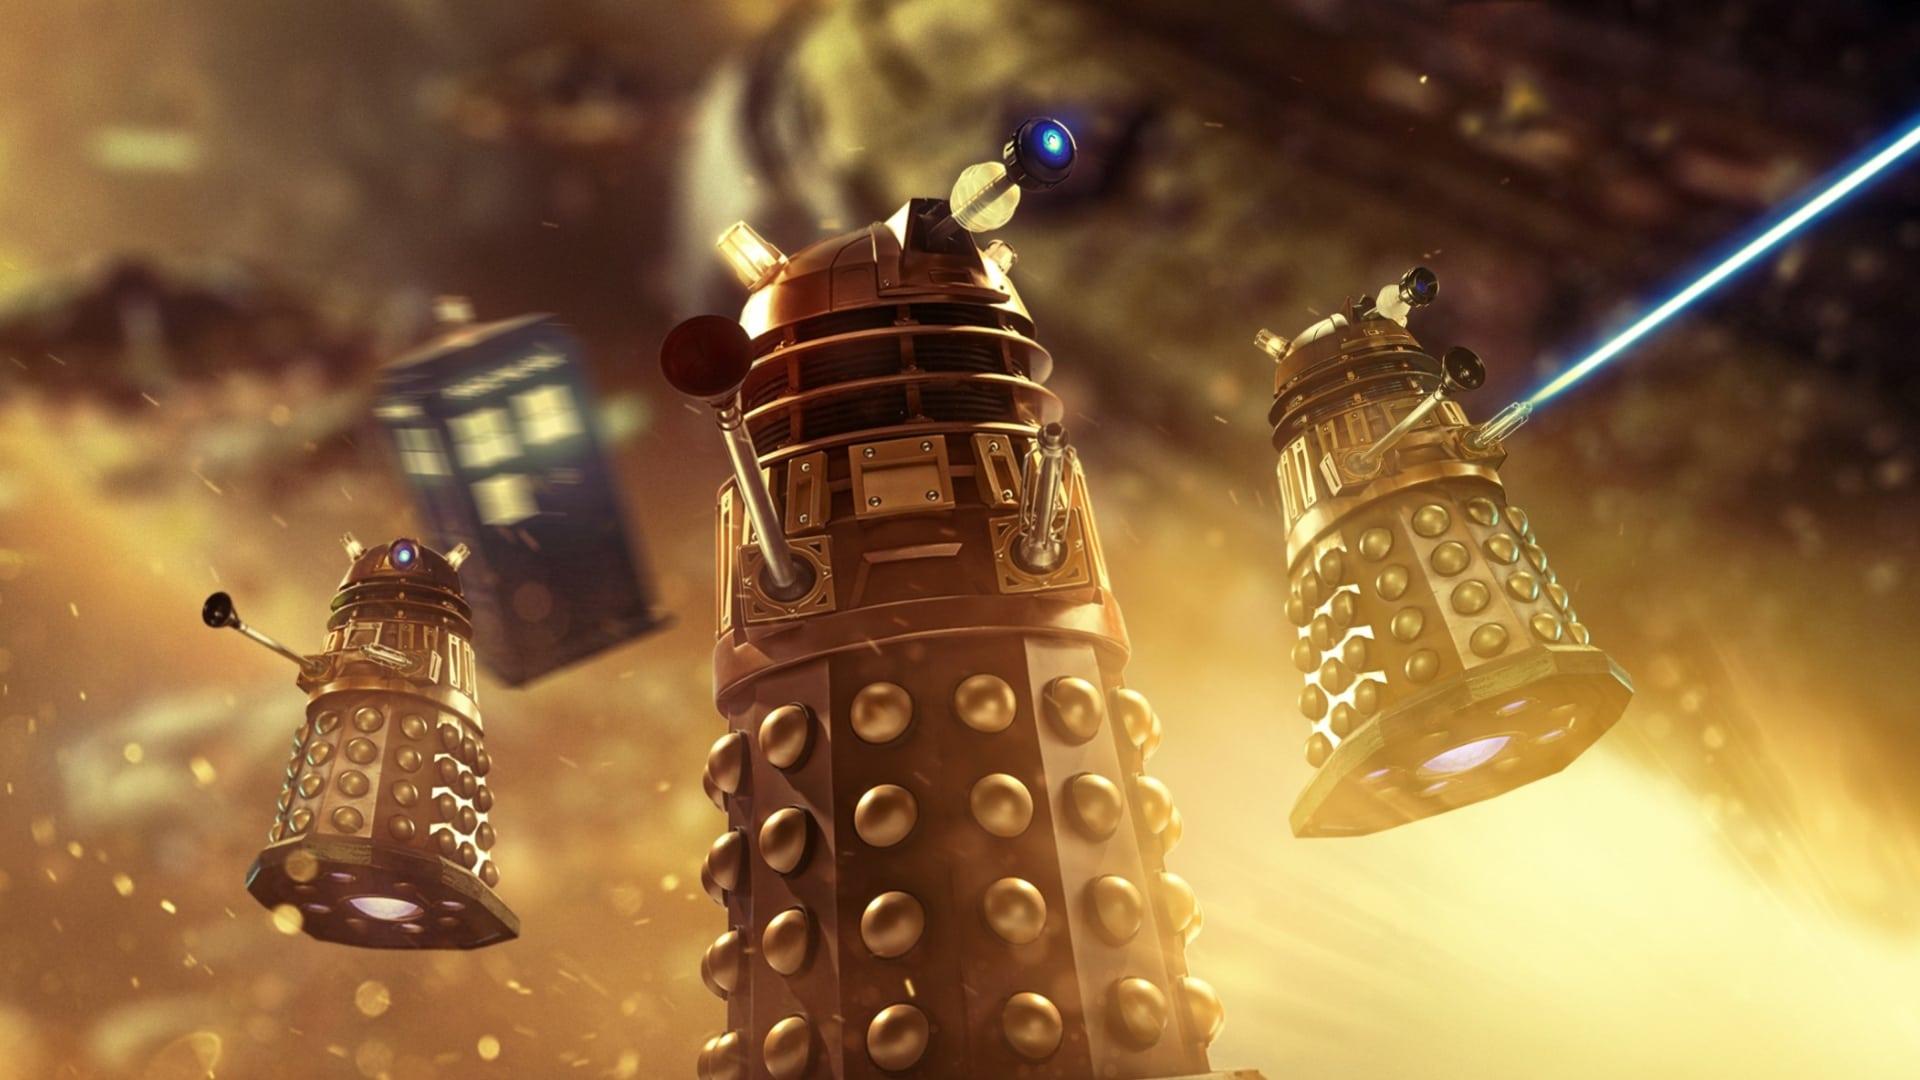 Doctor Who - Season 1 Episode 5